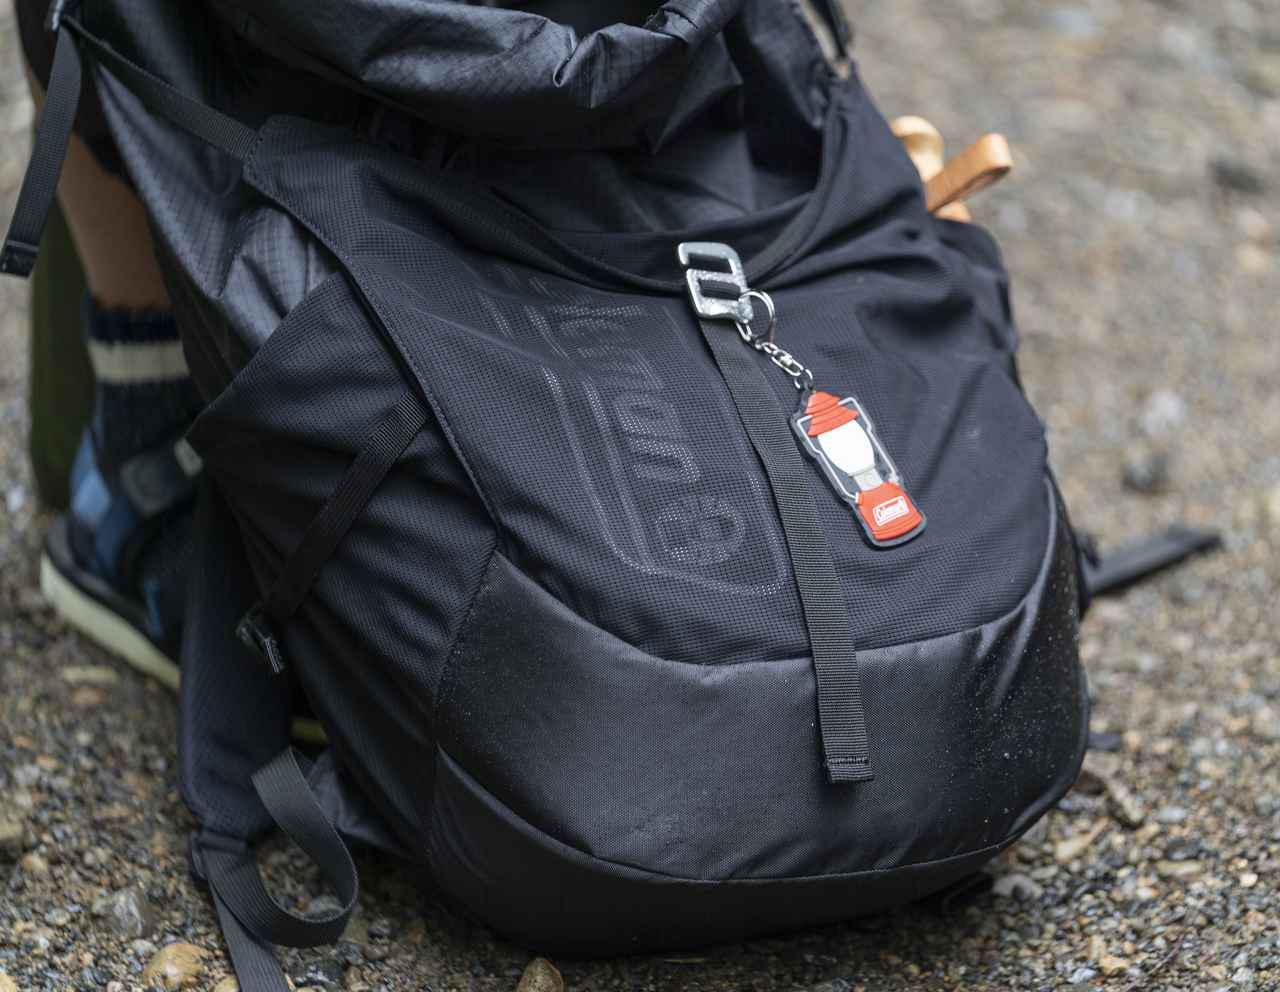 画像: キャンプにおすすめなリュック7選! コールマン・ワークマンなどの人気なバックパックを厳選 - ハピキャン キャンプ・アウトドア情報メディア